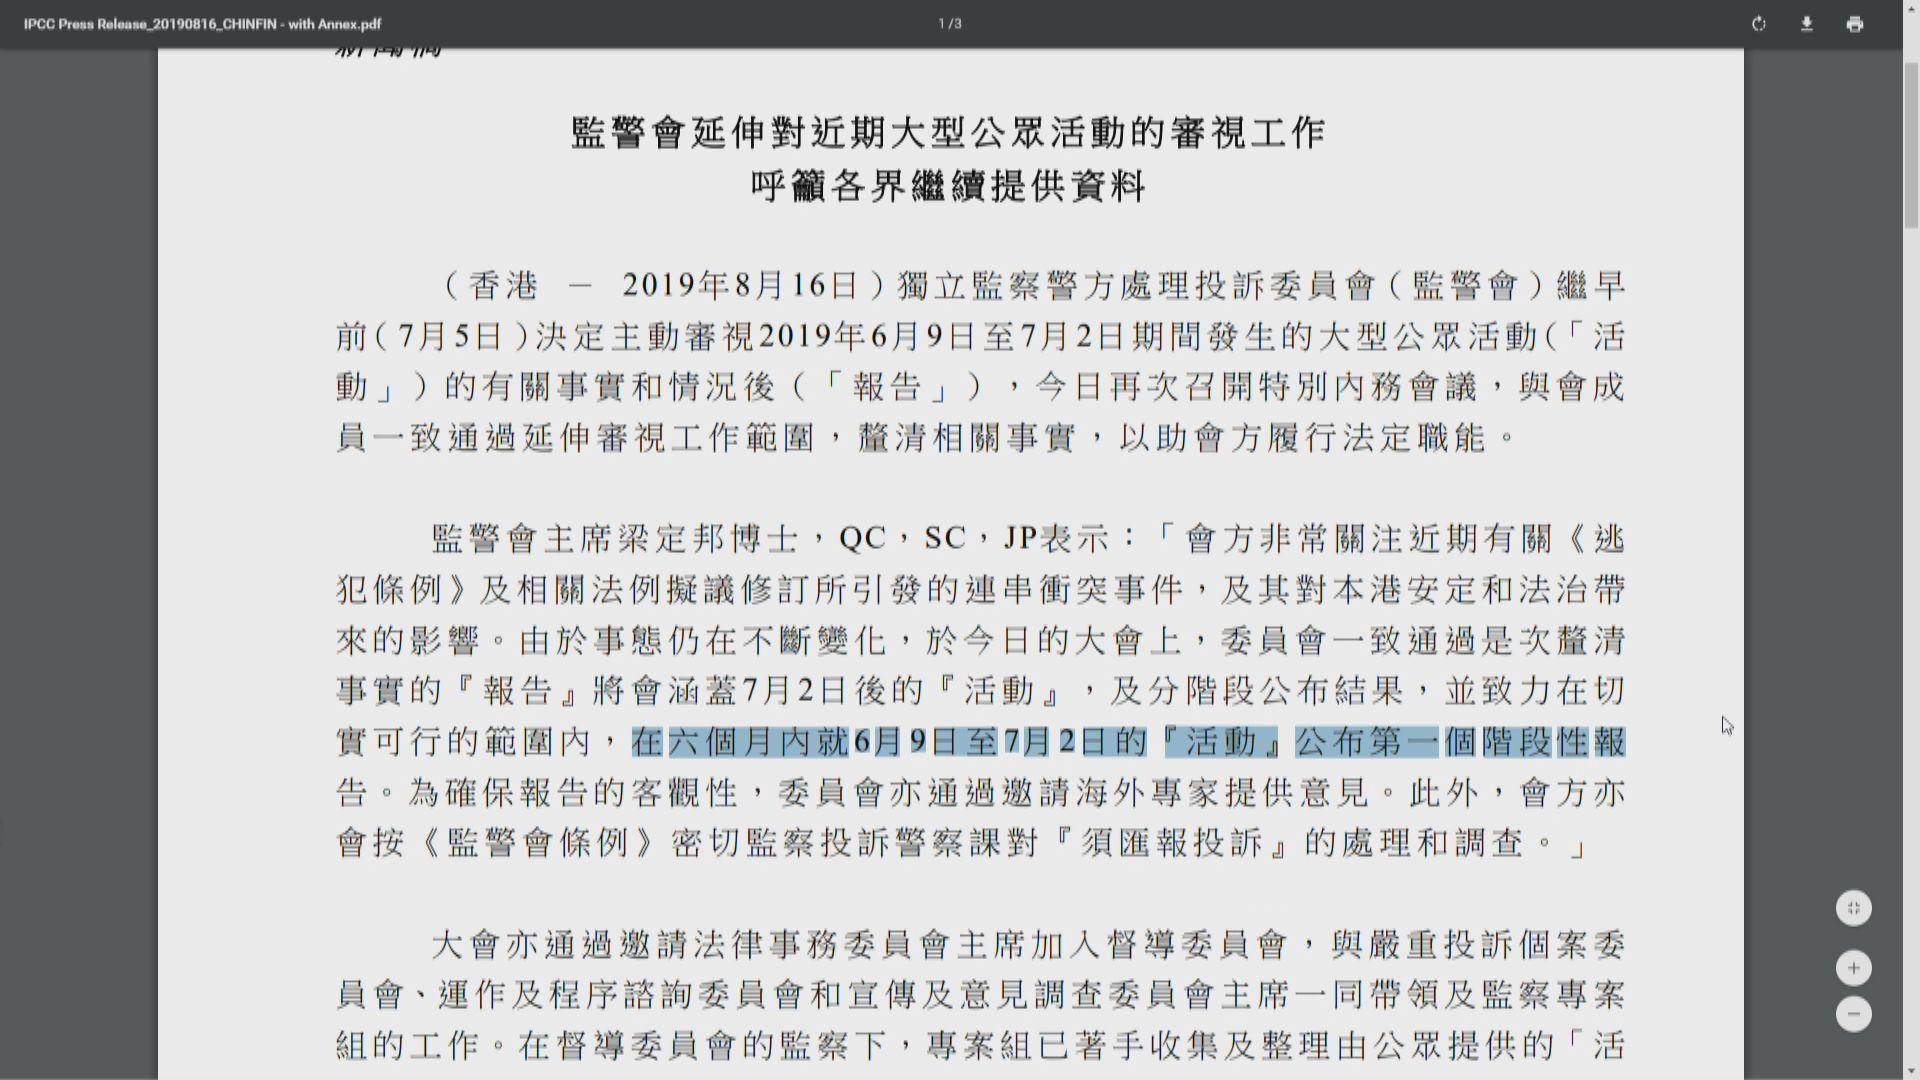 監警會審視反修例活動範圍延伸至7月2日後